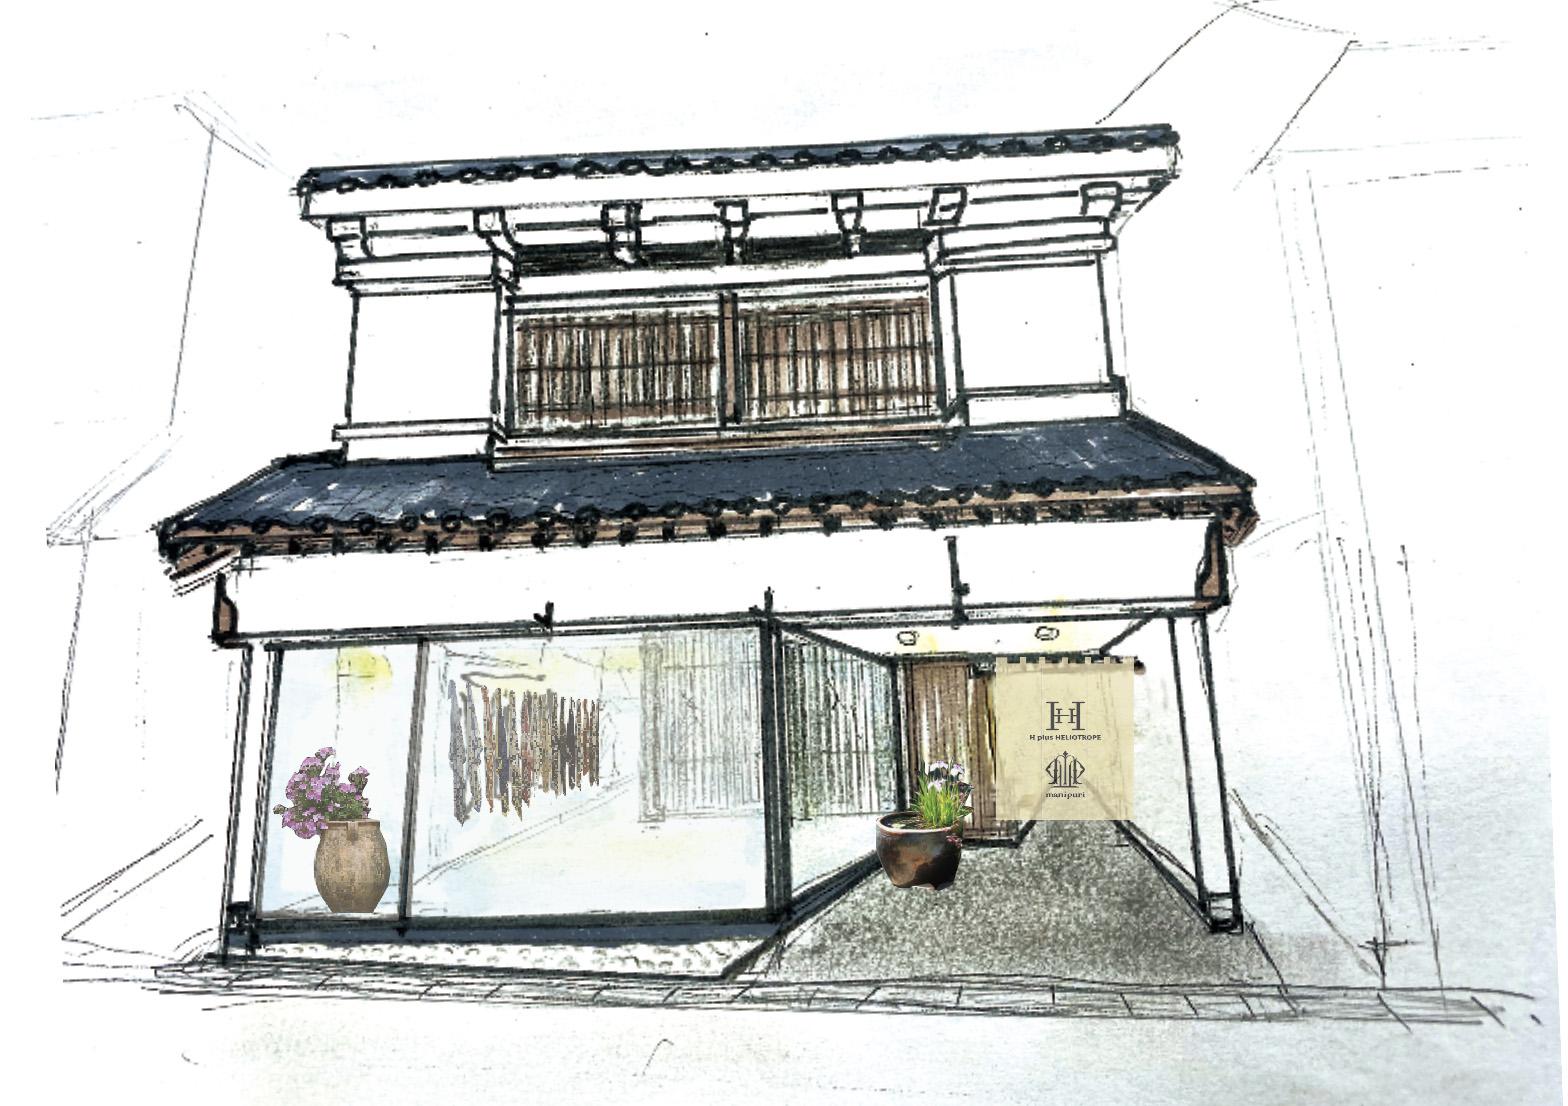 HELIOTROPE 長野店リニューアルオープンのお知らせ